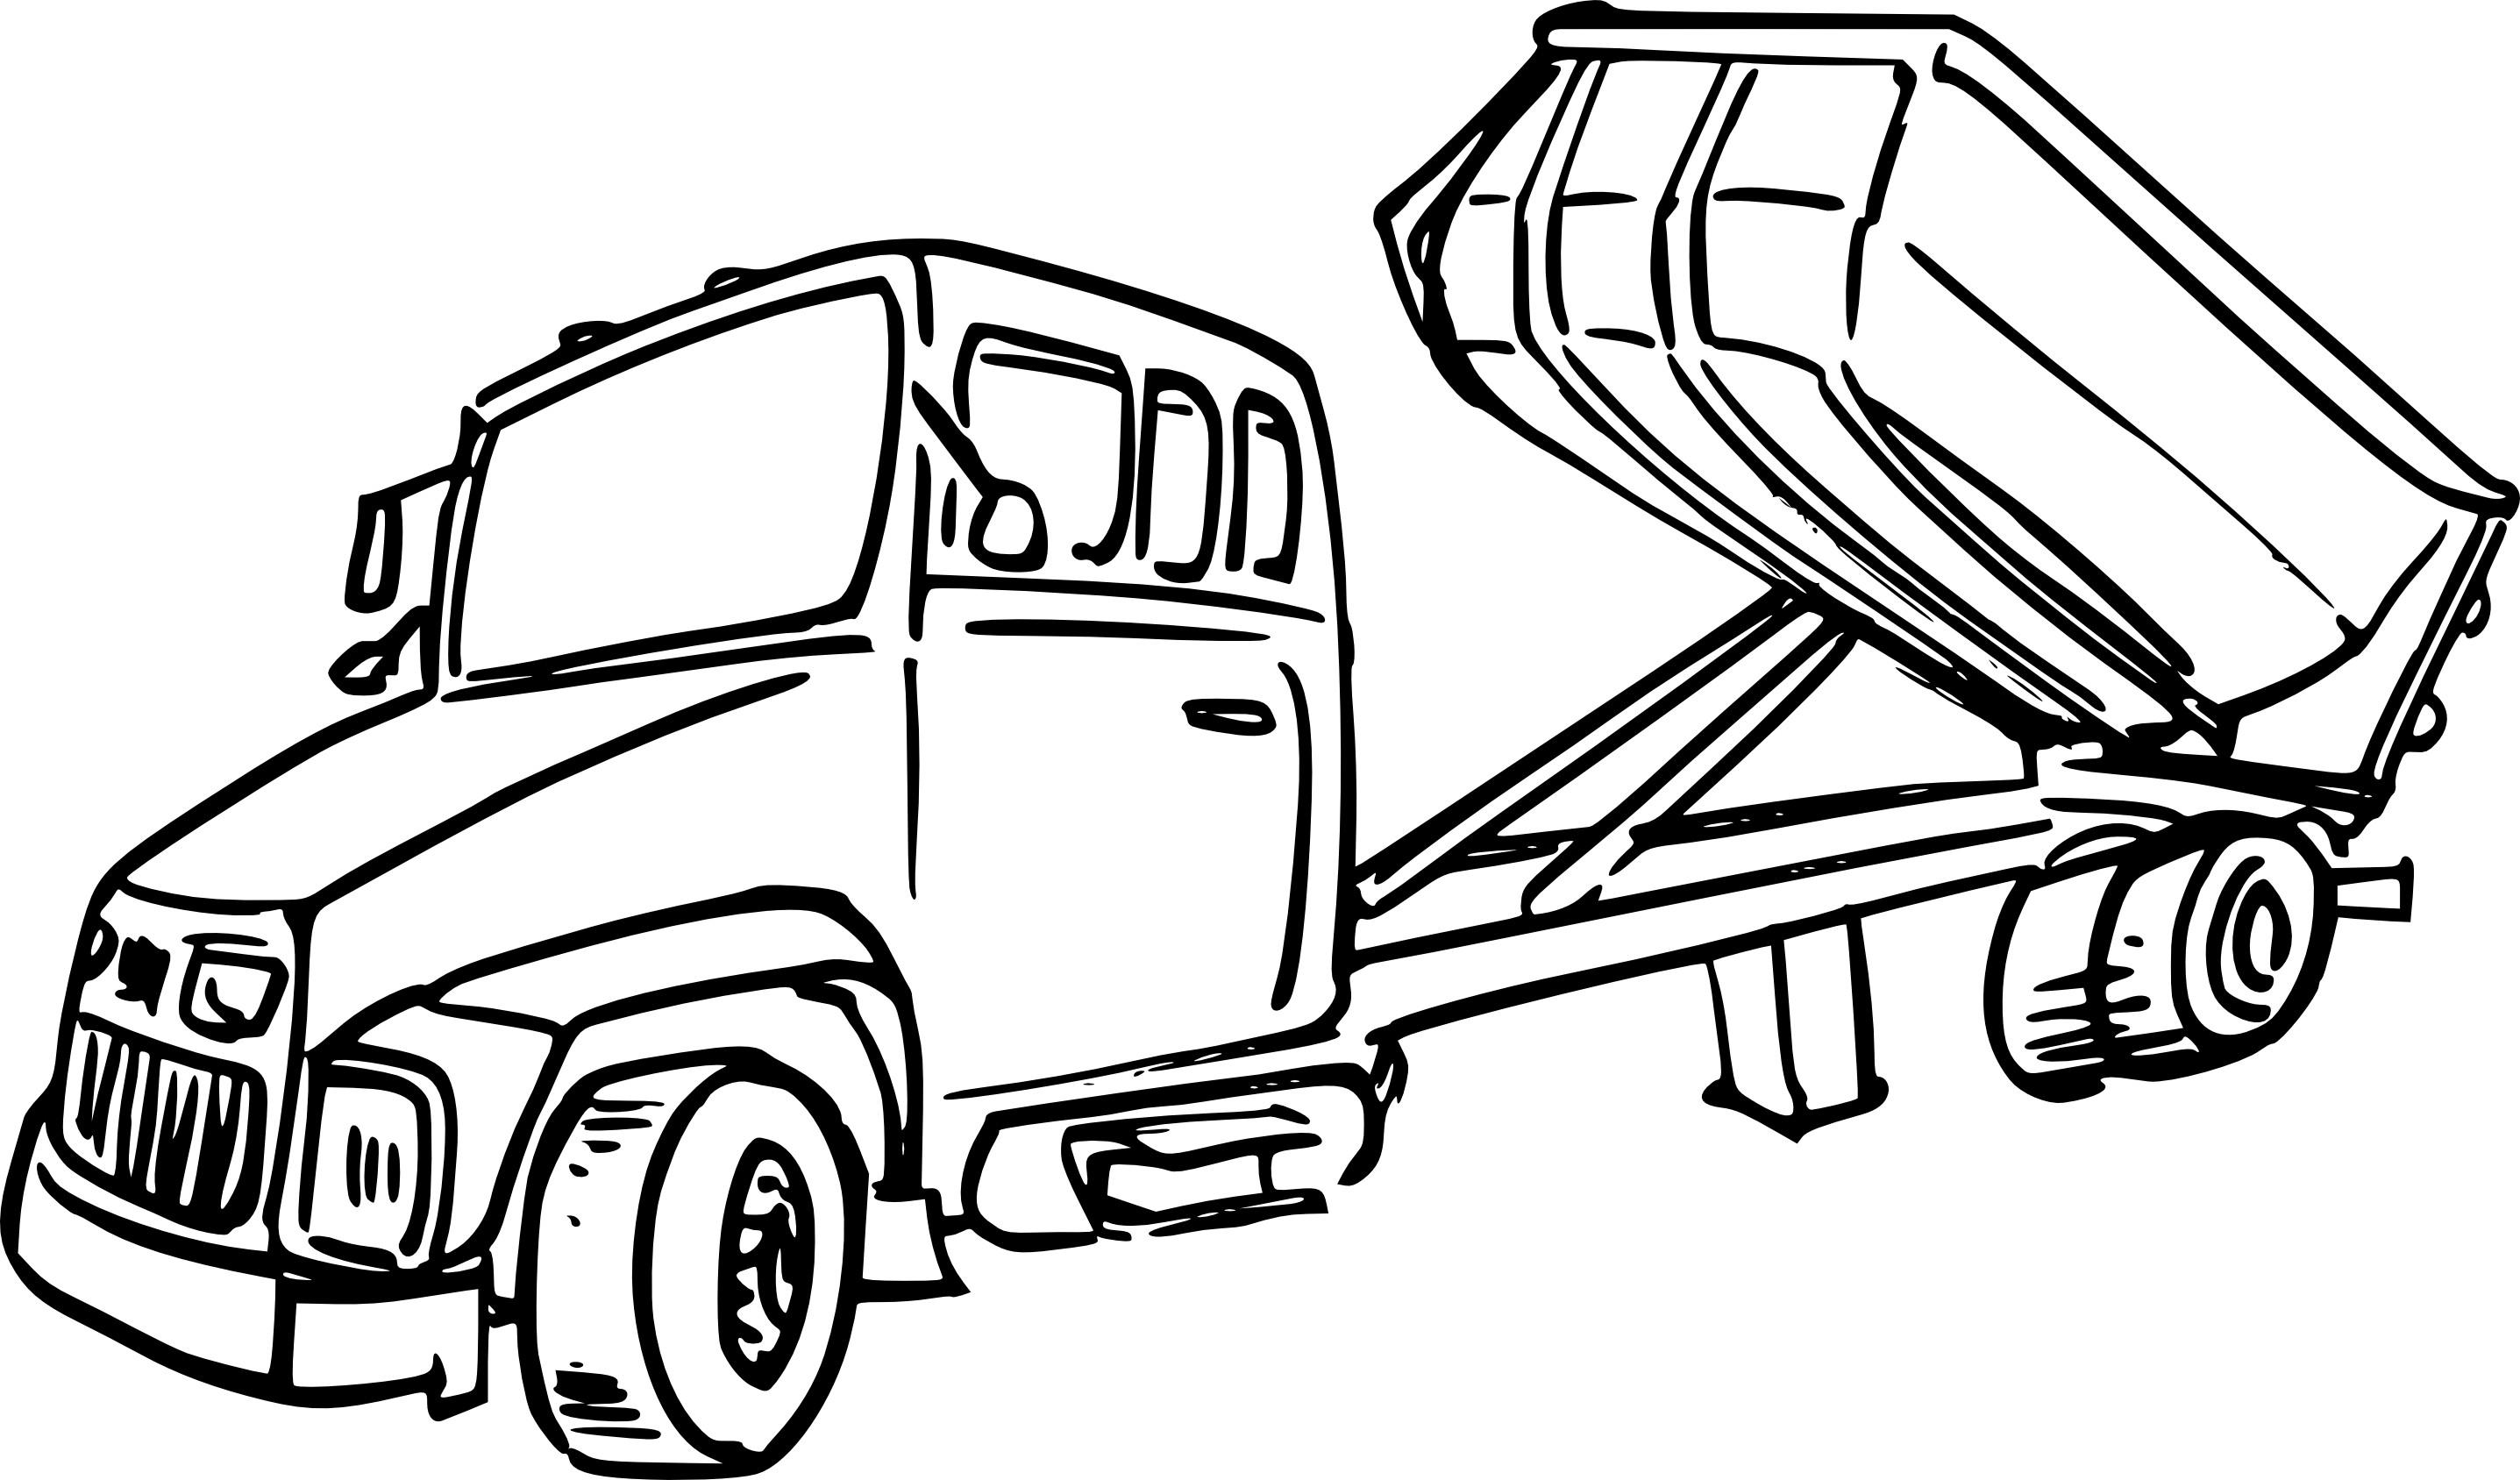 Dessin Camion Benne Coloriage.Coloriage Camion Benne Et Dessin A Imprimer